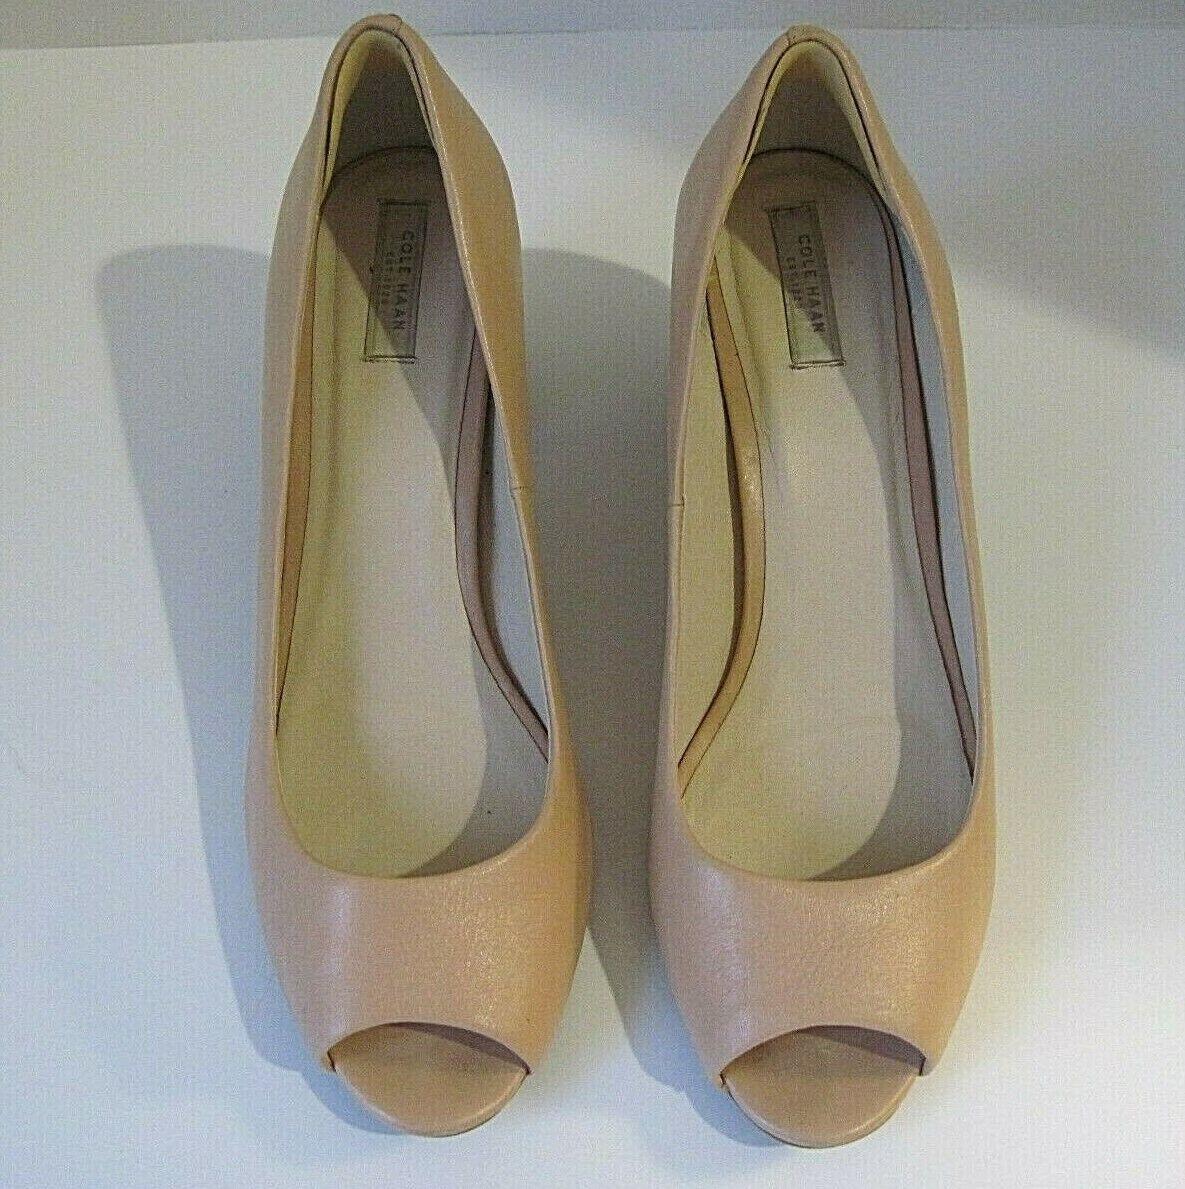 COLE HAAN GRAND OS Nude Beige Block Leather Open Toe Heels Block Beige Heel Größe 9 1 2 cbb260